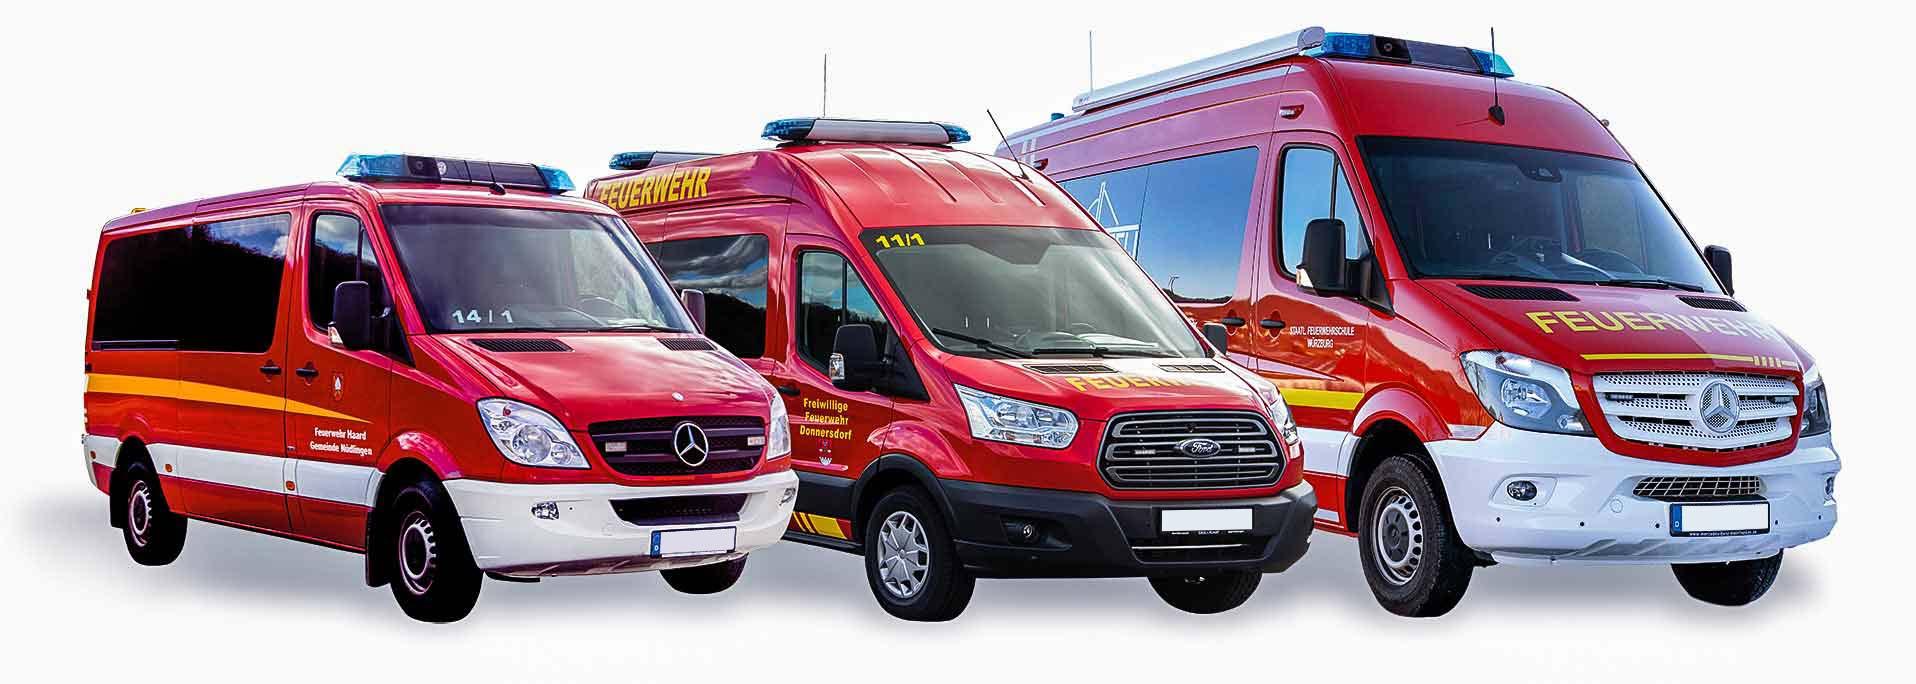 Frey: Fahrzeugbau - 3 Fahrzeuge